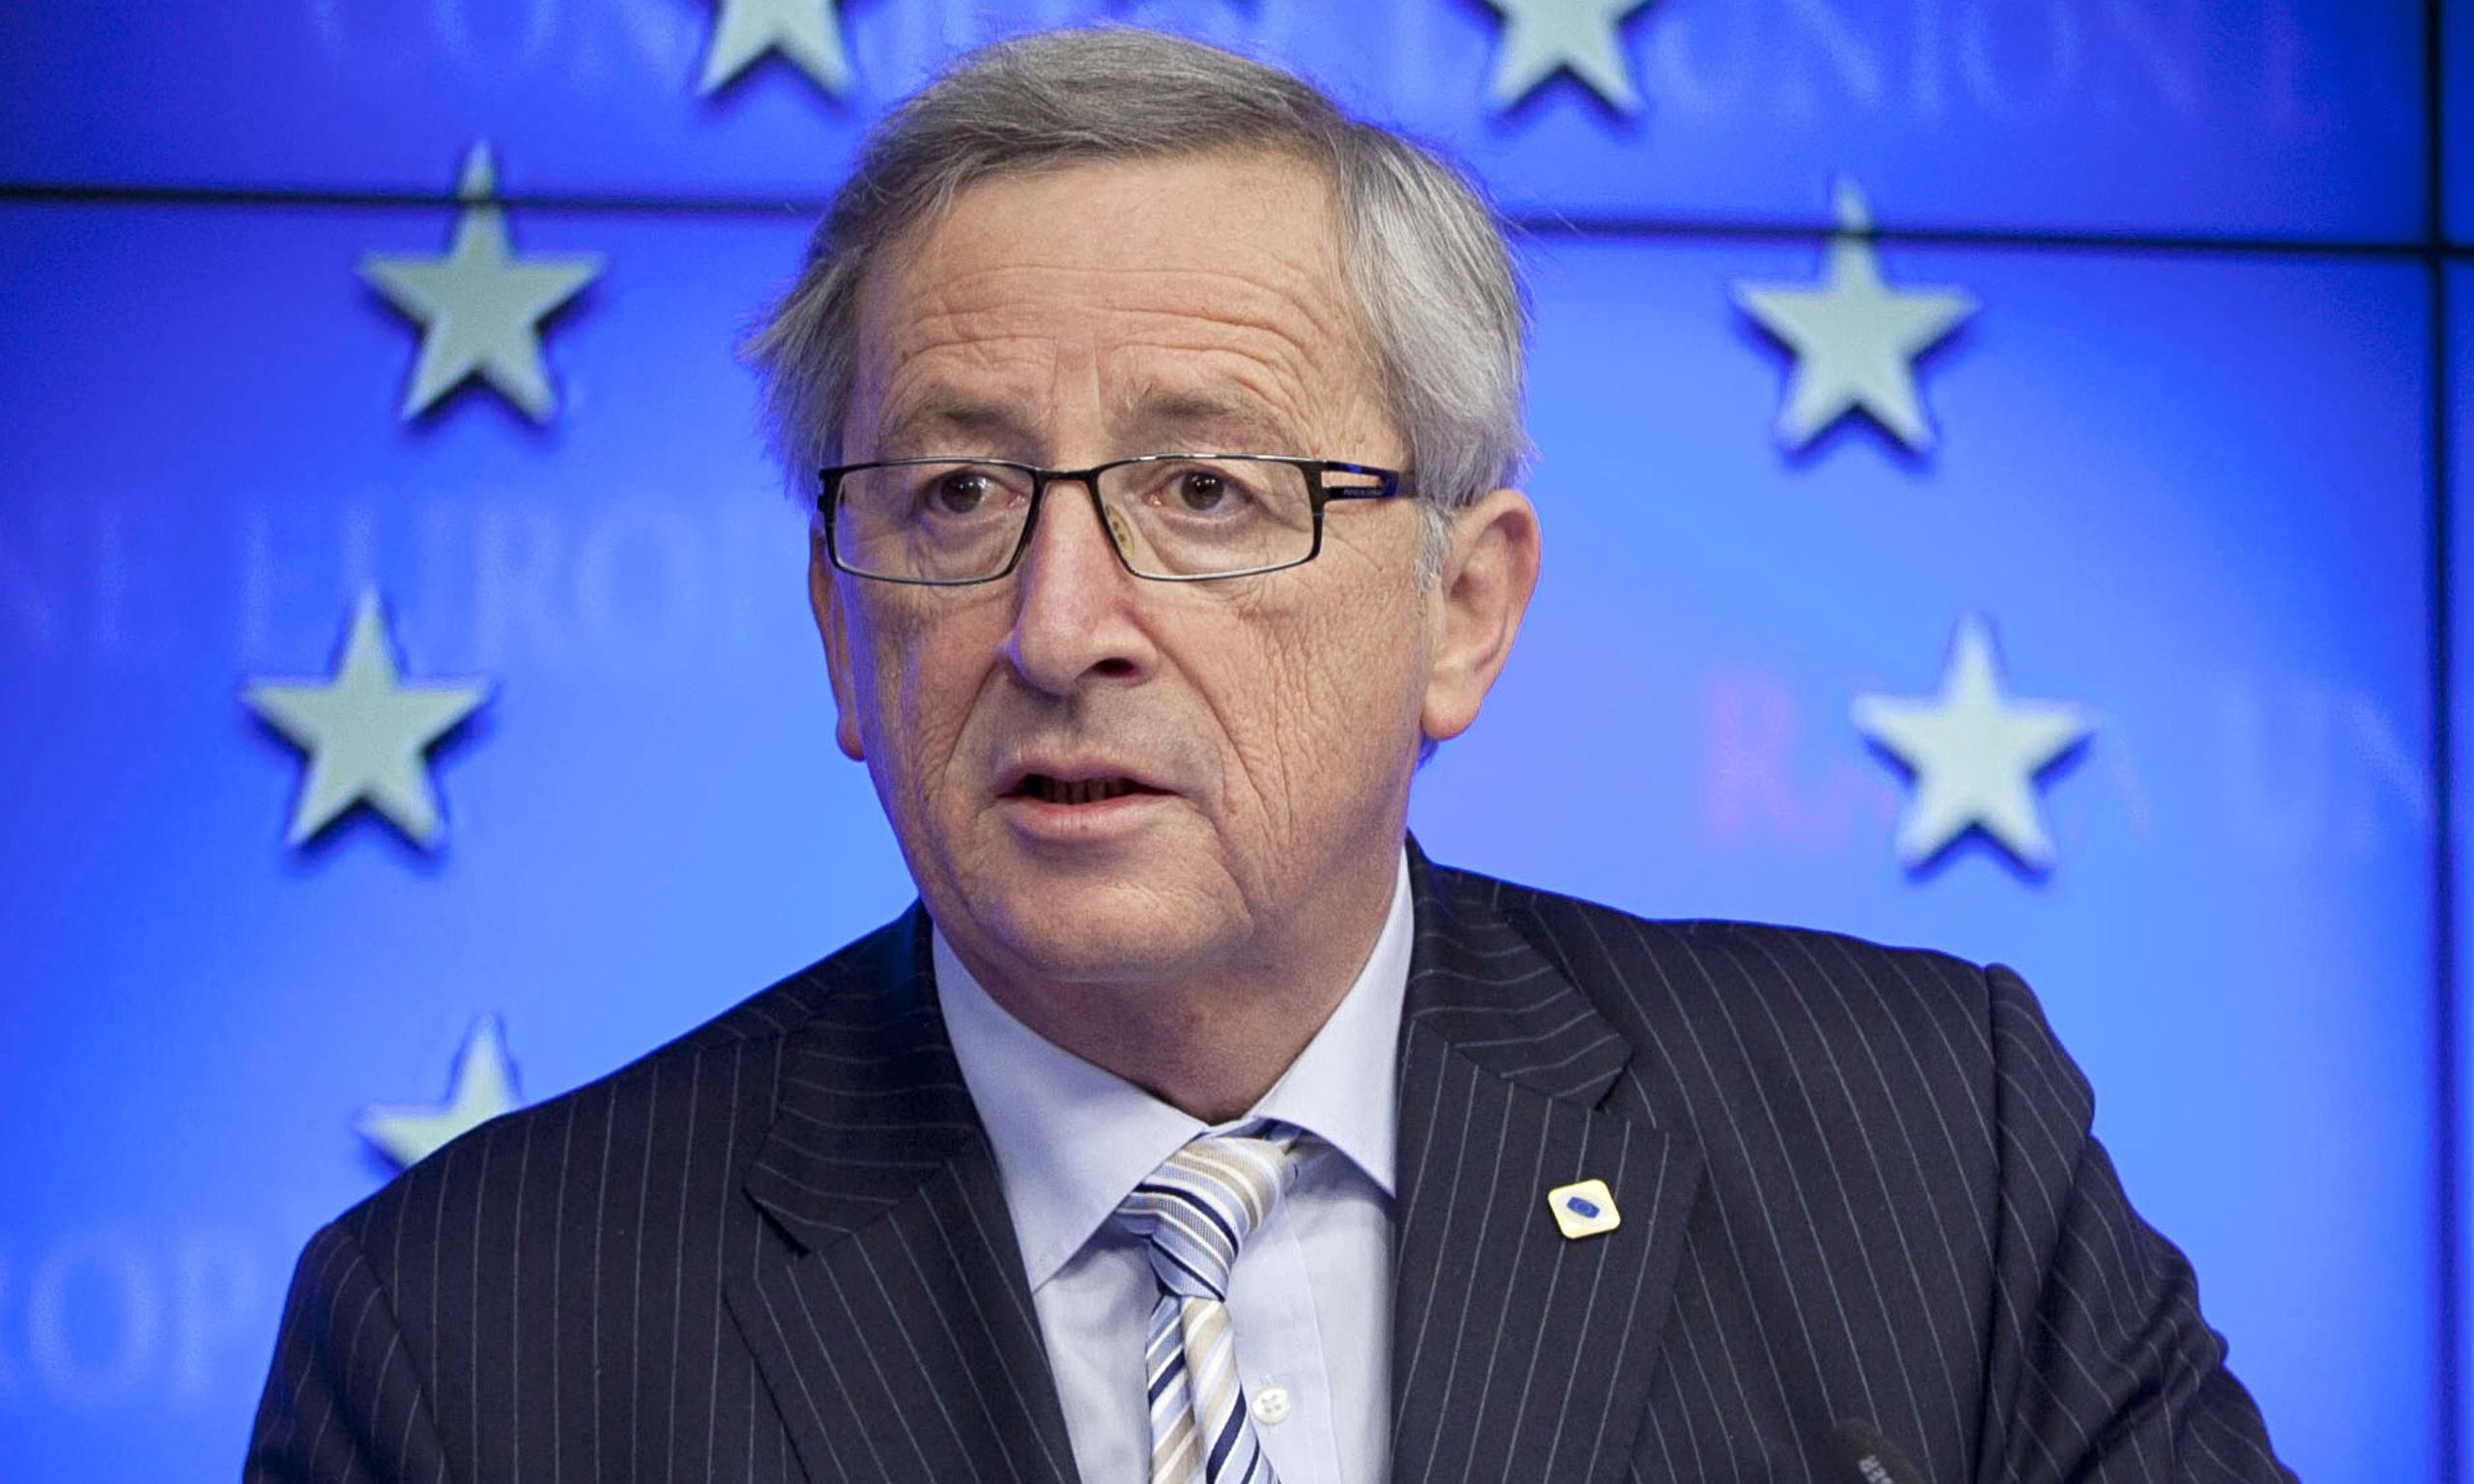 L'Europa nel 2015 - nel 2016 -... Junkcer-Jean-Claude